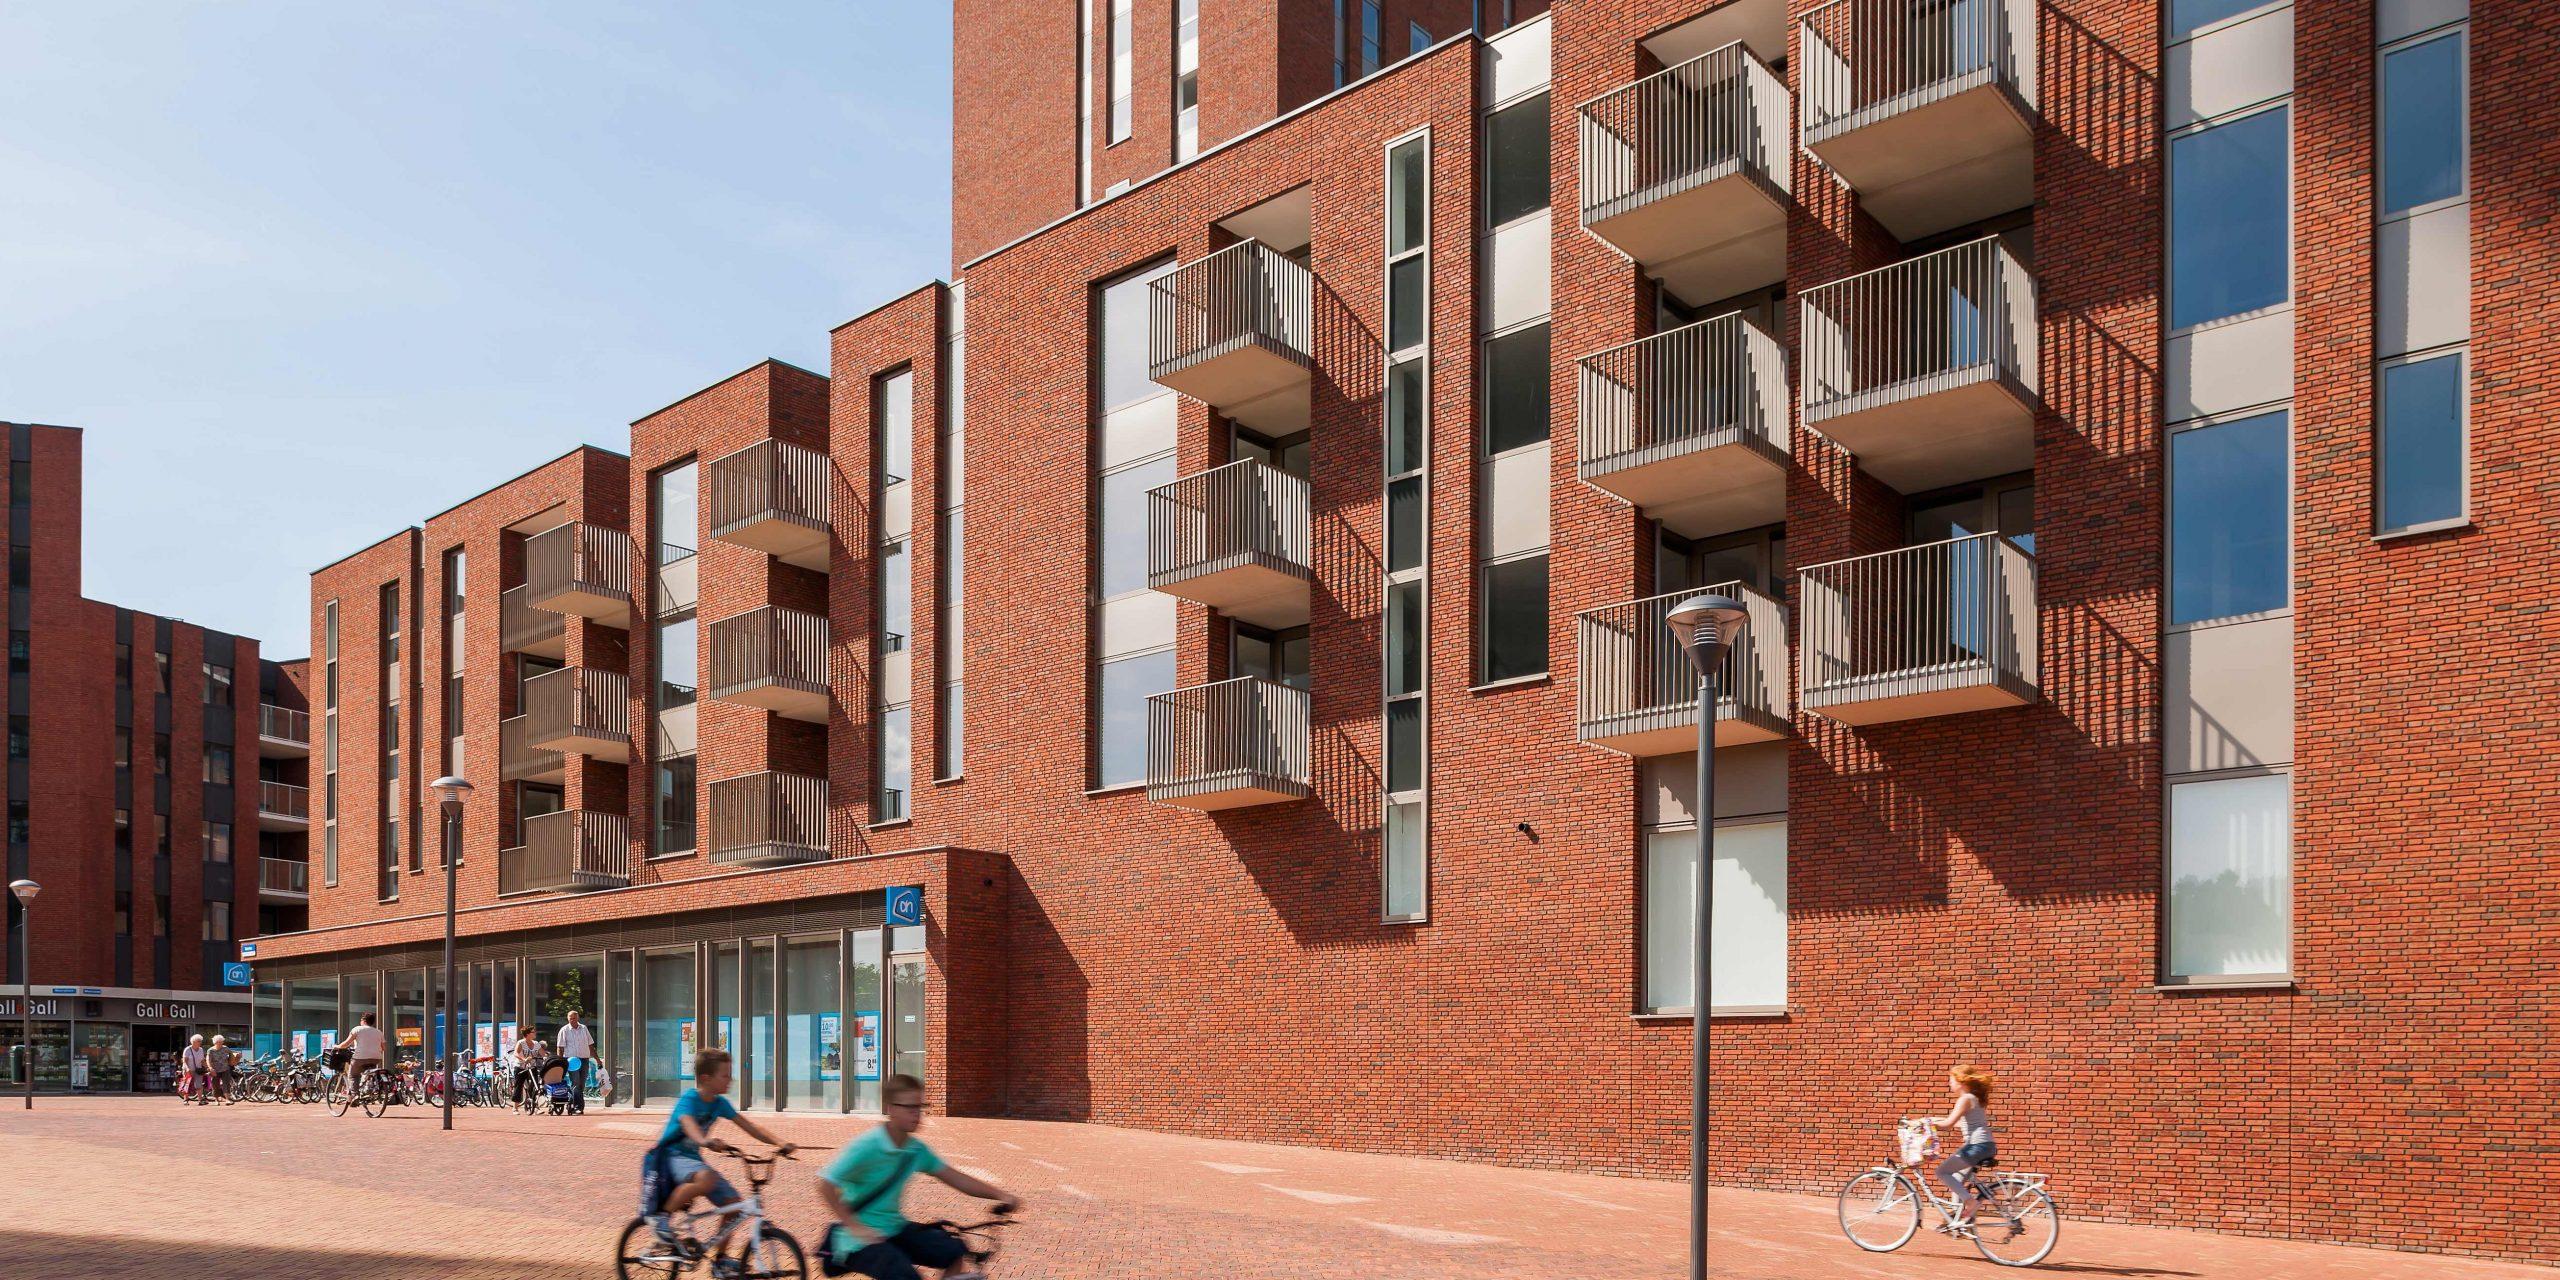 wUrck_Meerrijk-Blok-A_4-e1525355159430